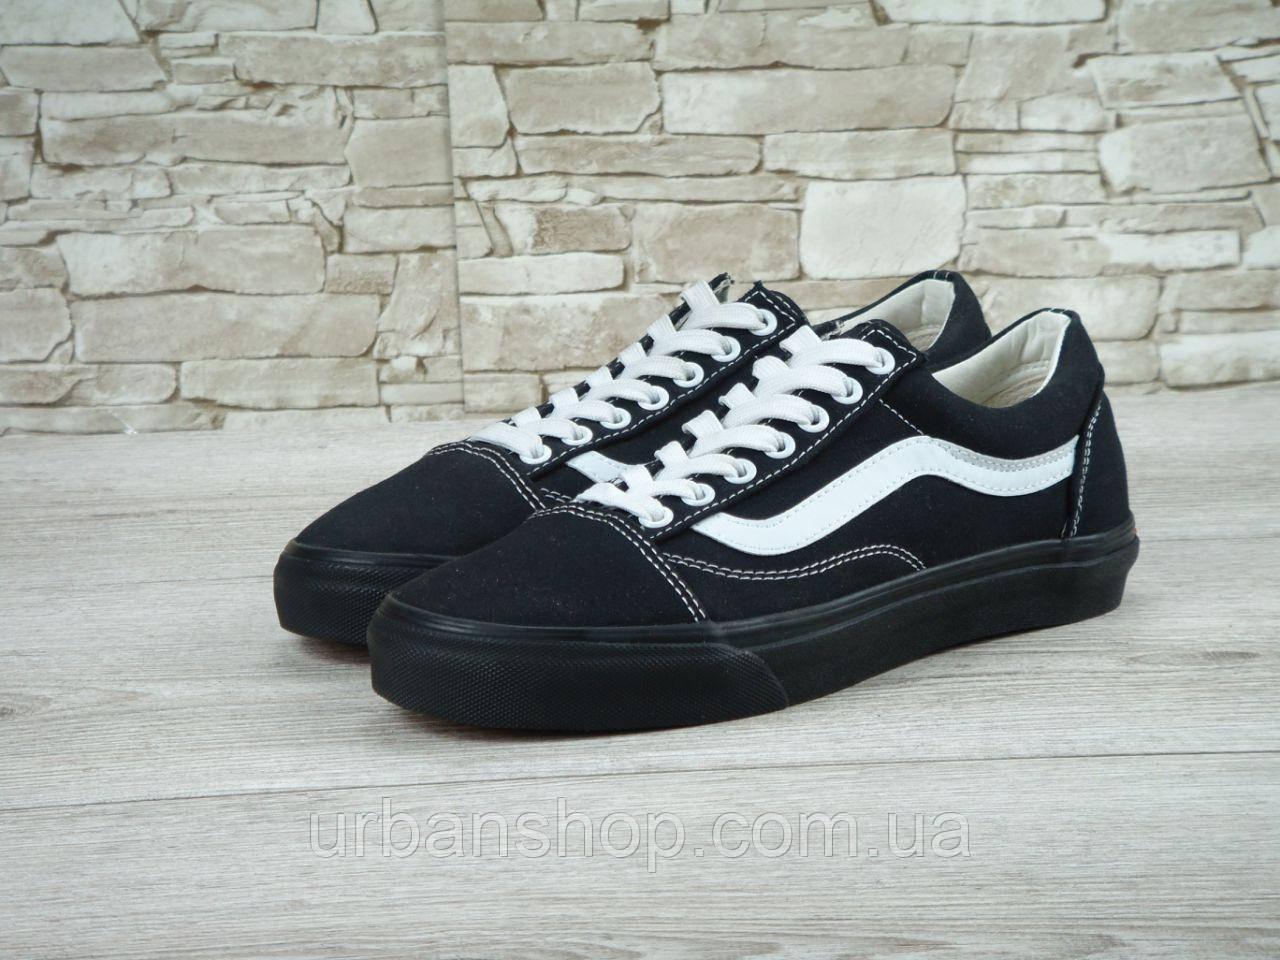 Купить Мужские кеды Vans Old Skool Air Low Black 349df7426771f